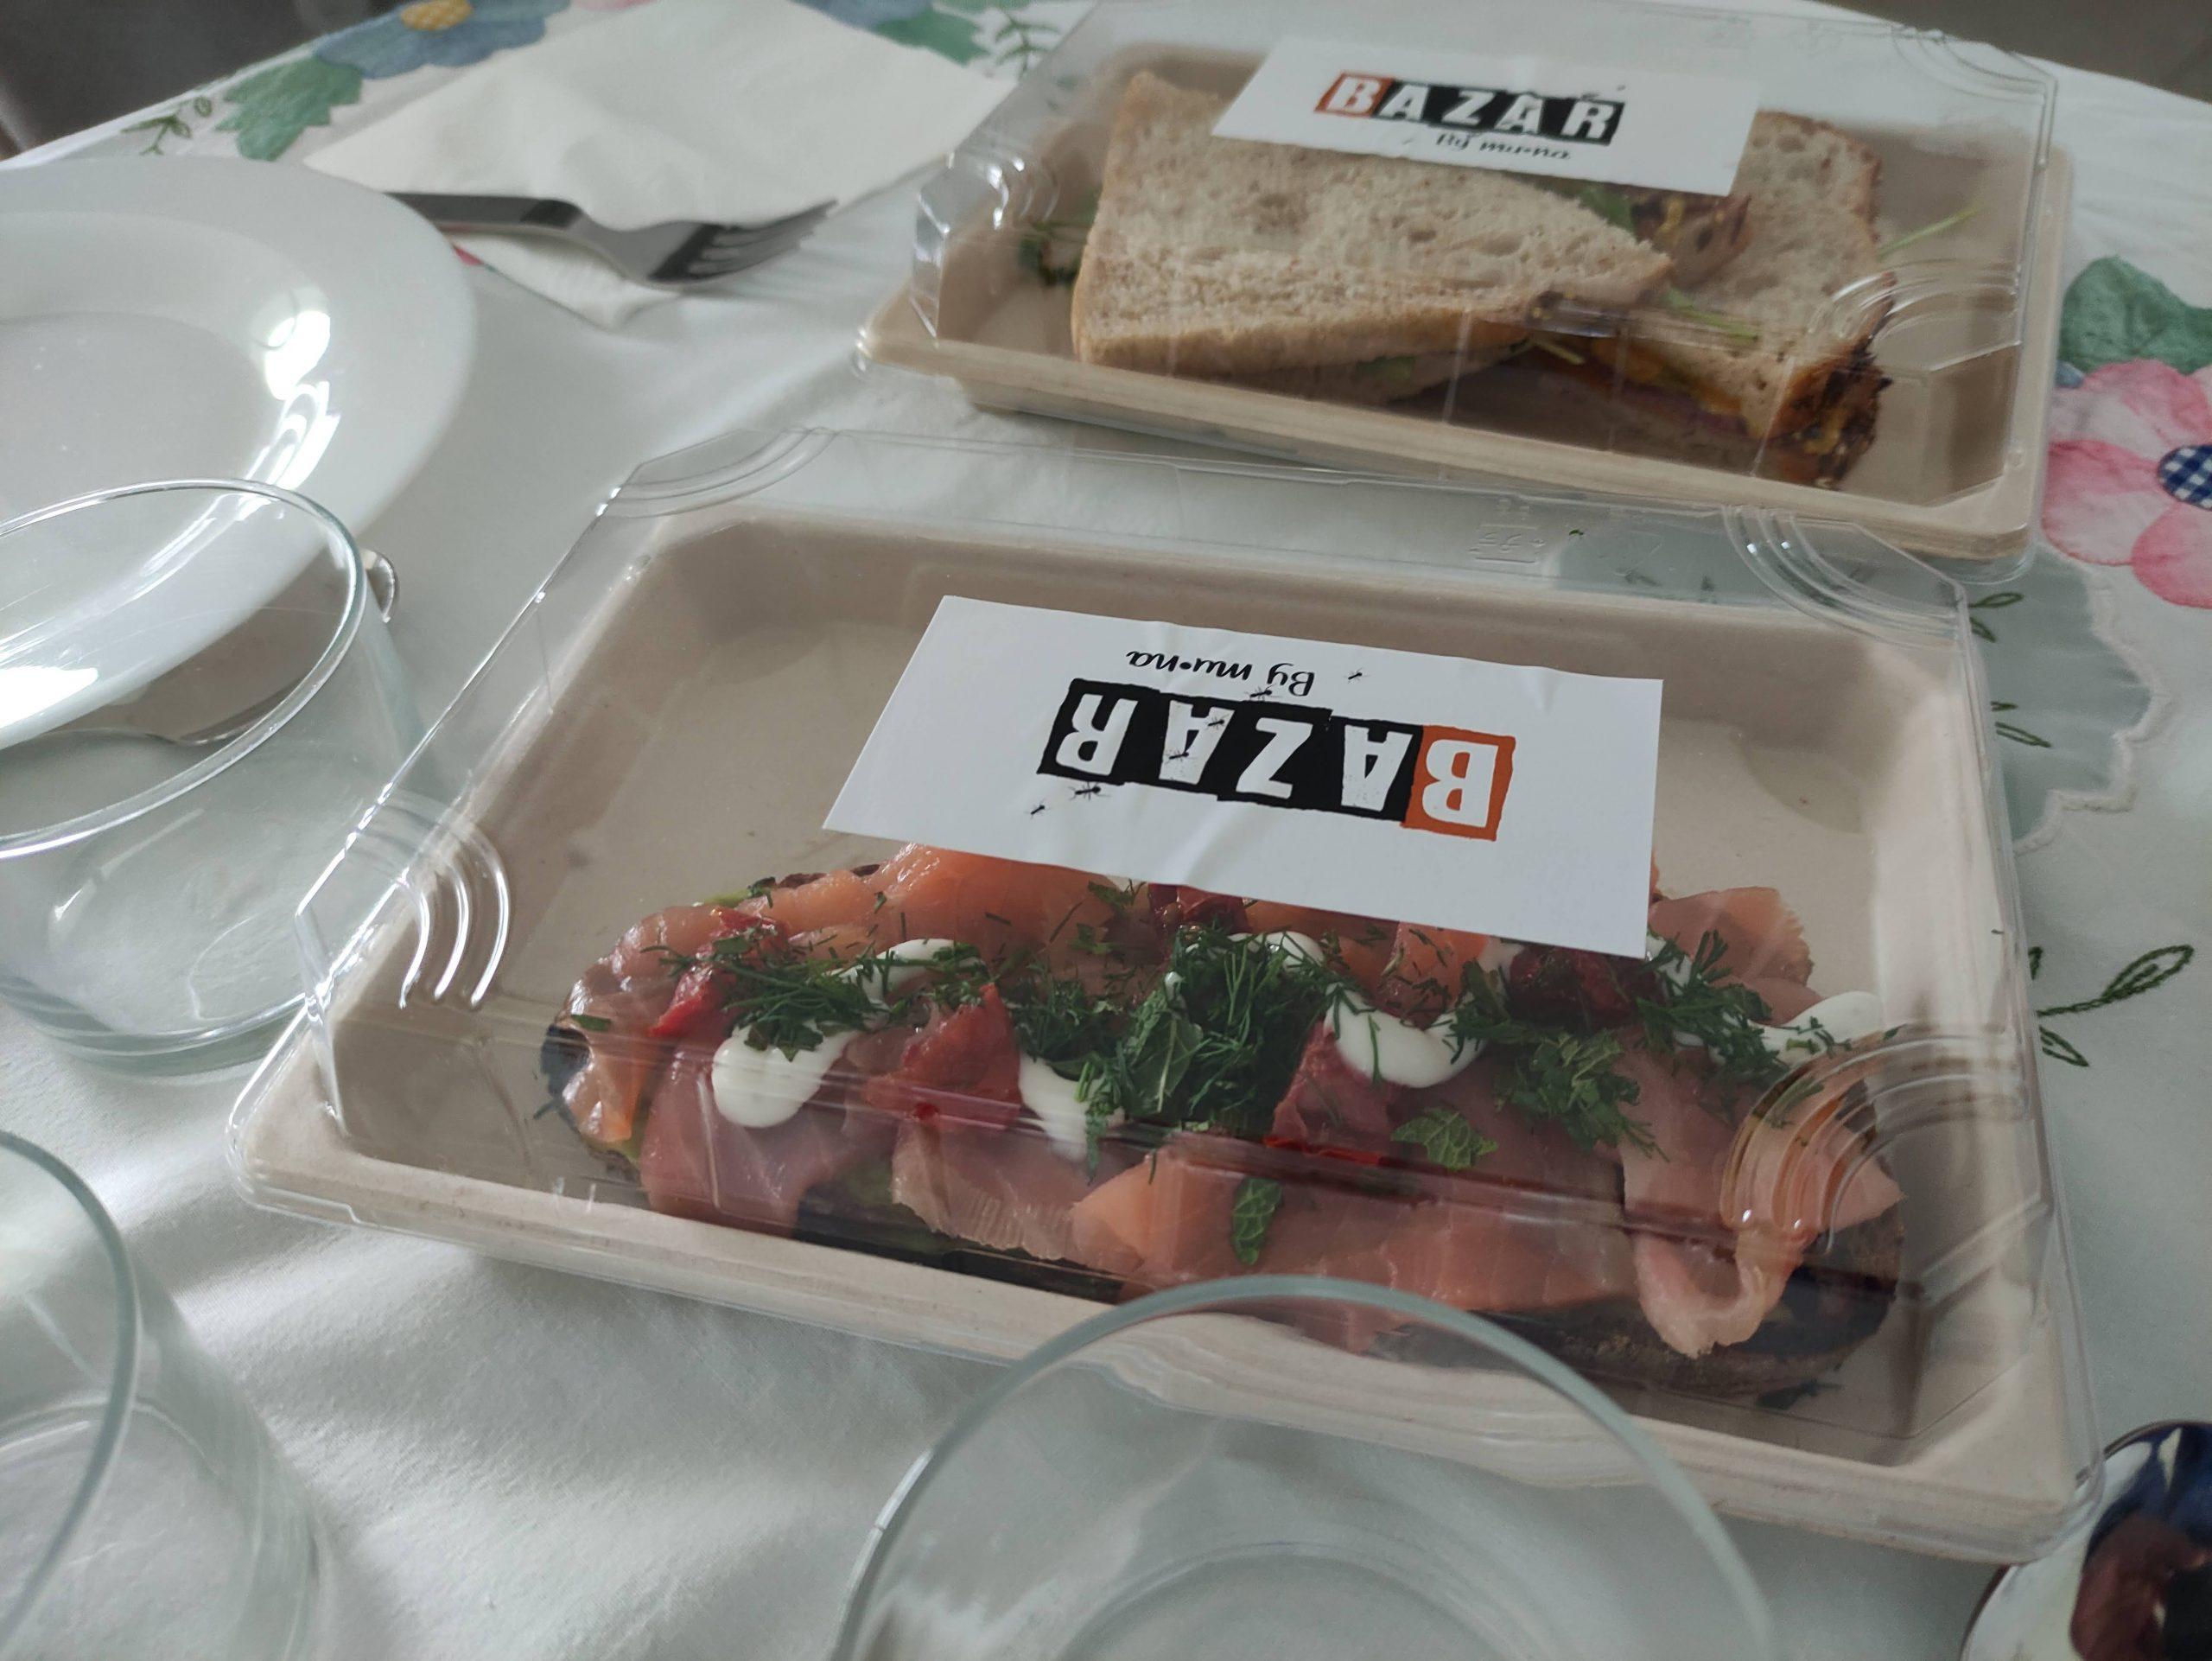 Reseña gastronómica: Brunch para llevar de Restaurante Muna de Ponferrada 8